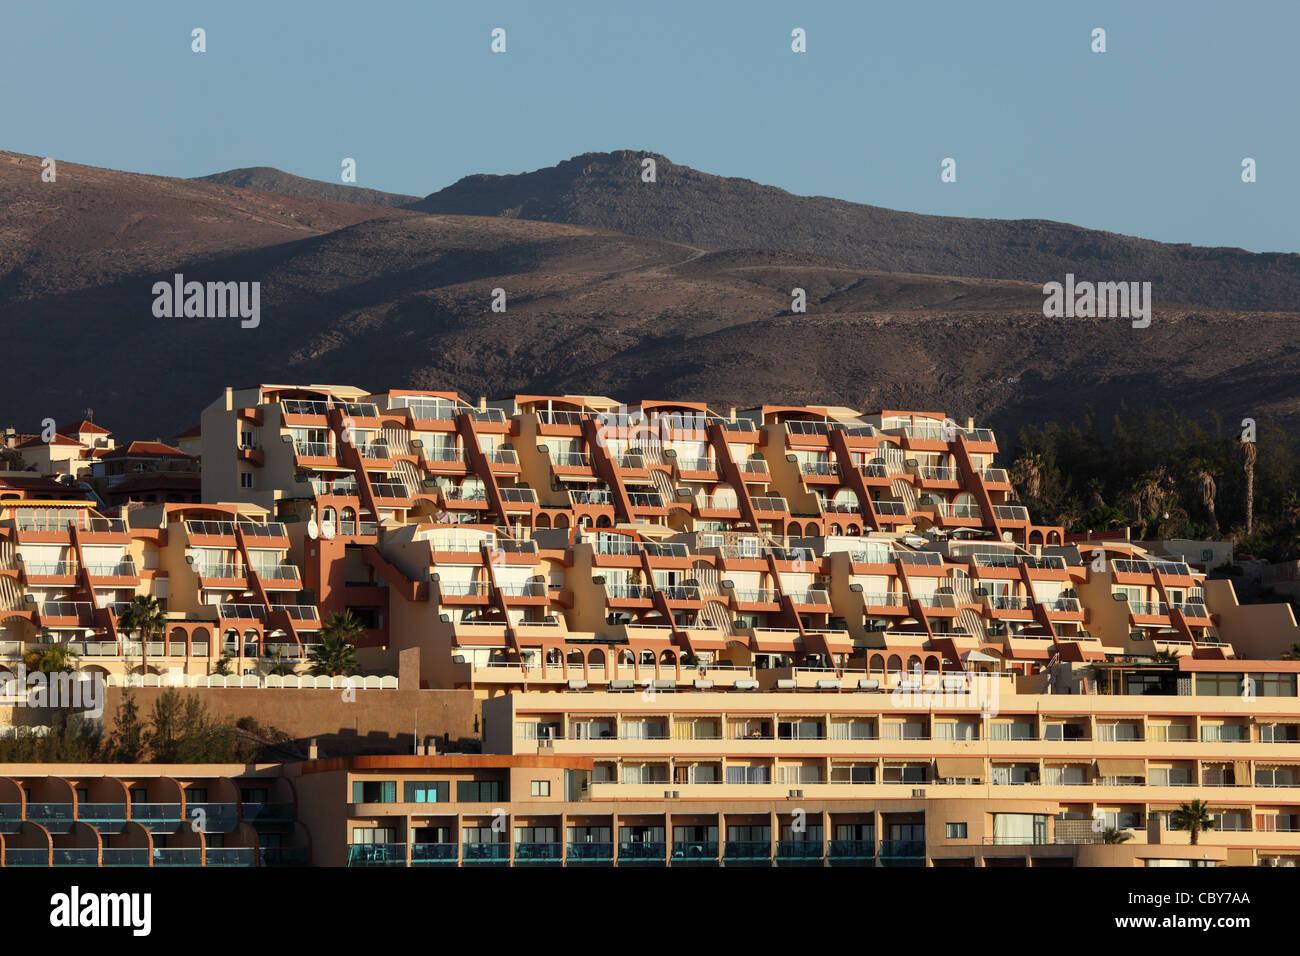 Hotelgebäude auf der Kanarischen Insel Fuerteventura, Spanien Stockbild